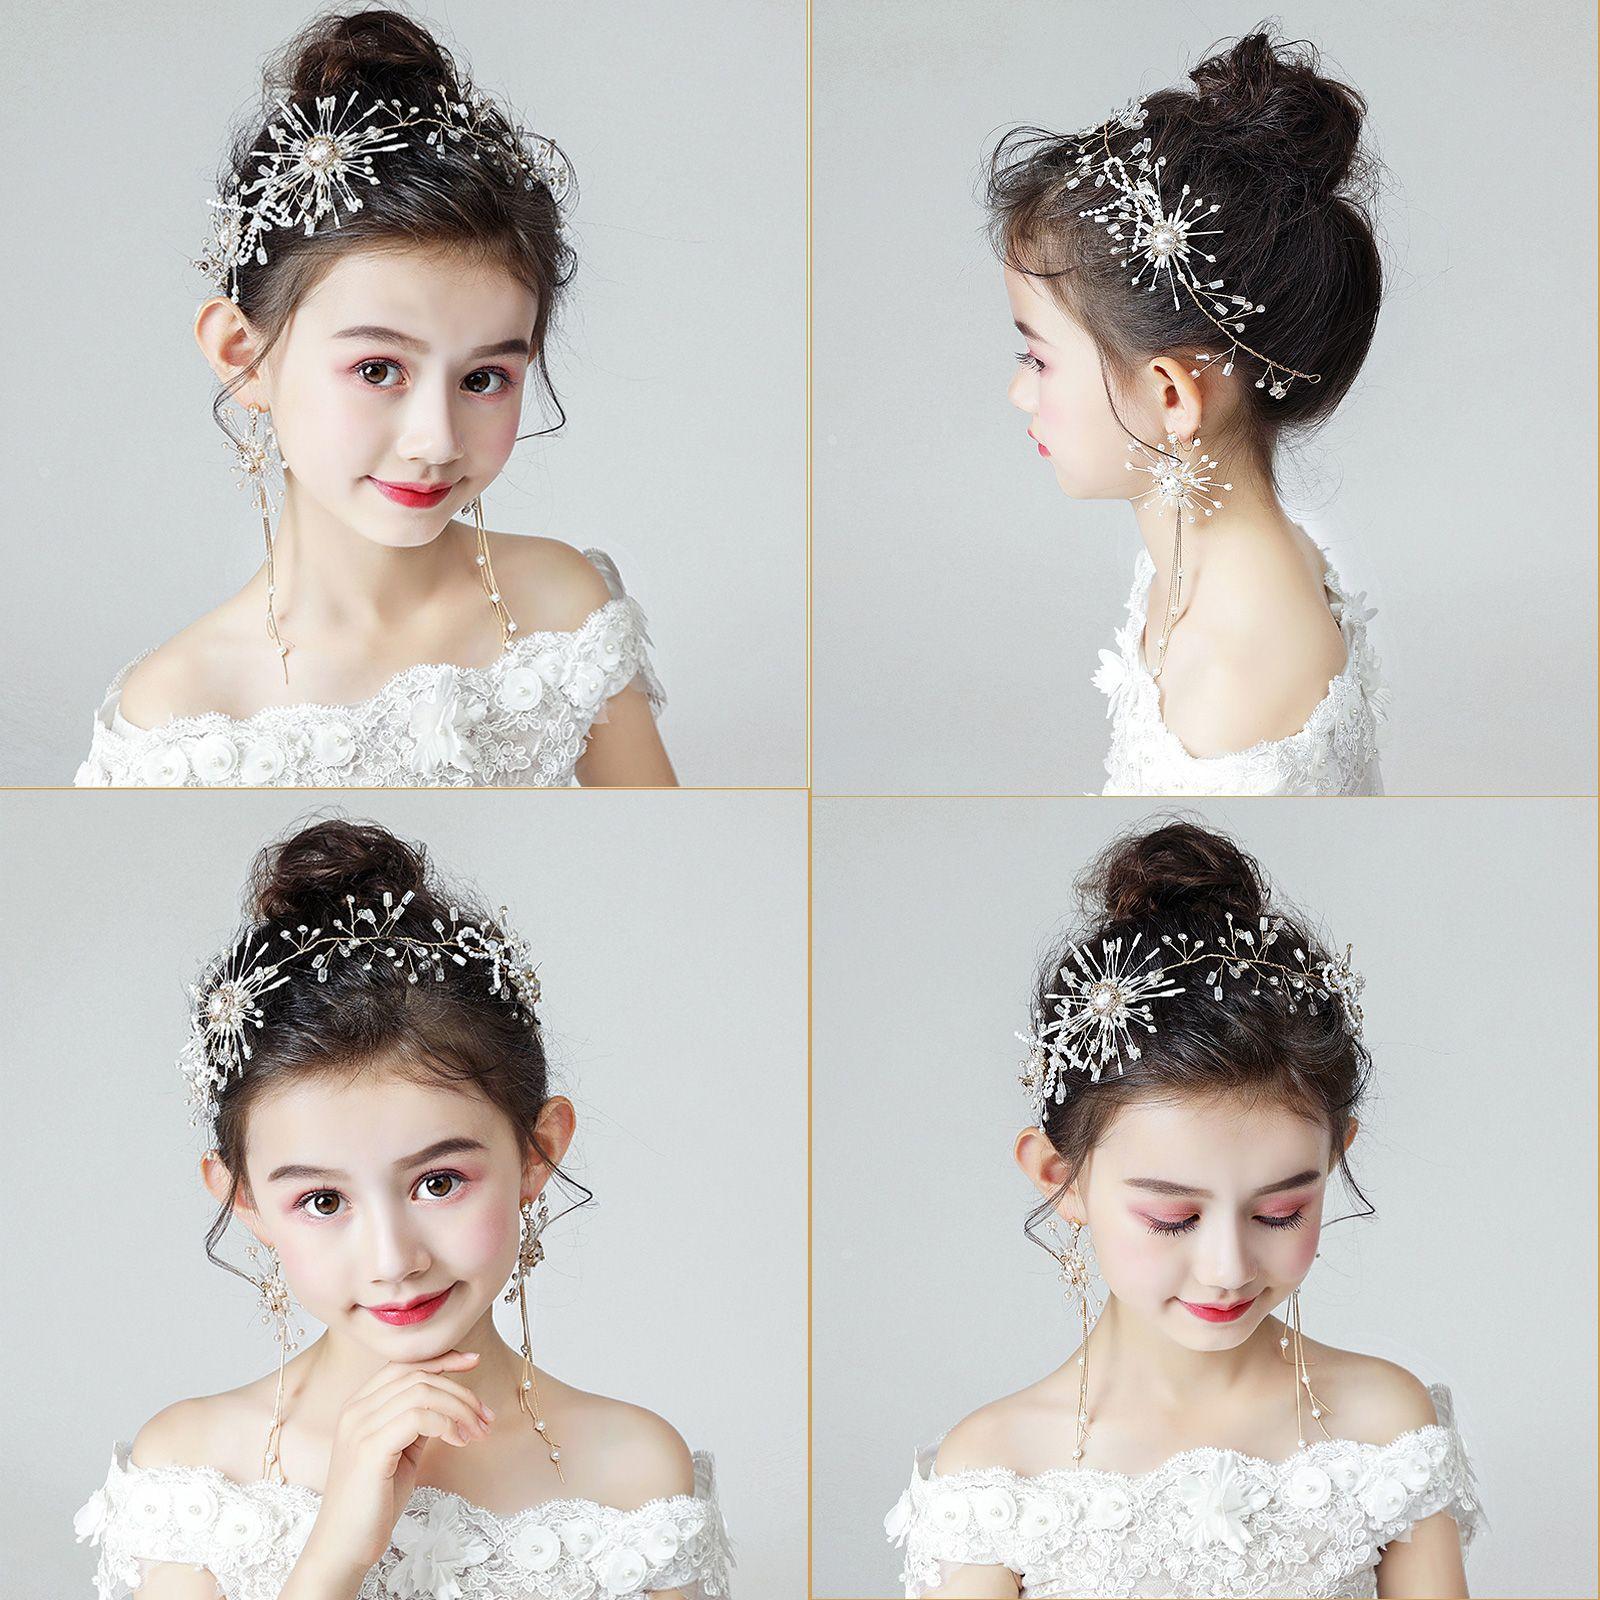 ヘッドドレス 花冠 パーティー 女の子 髪飾り 子供 ドレス